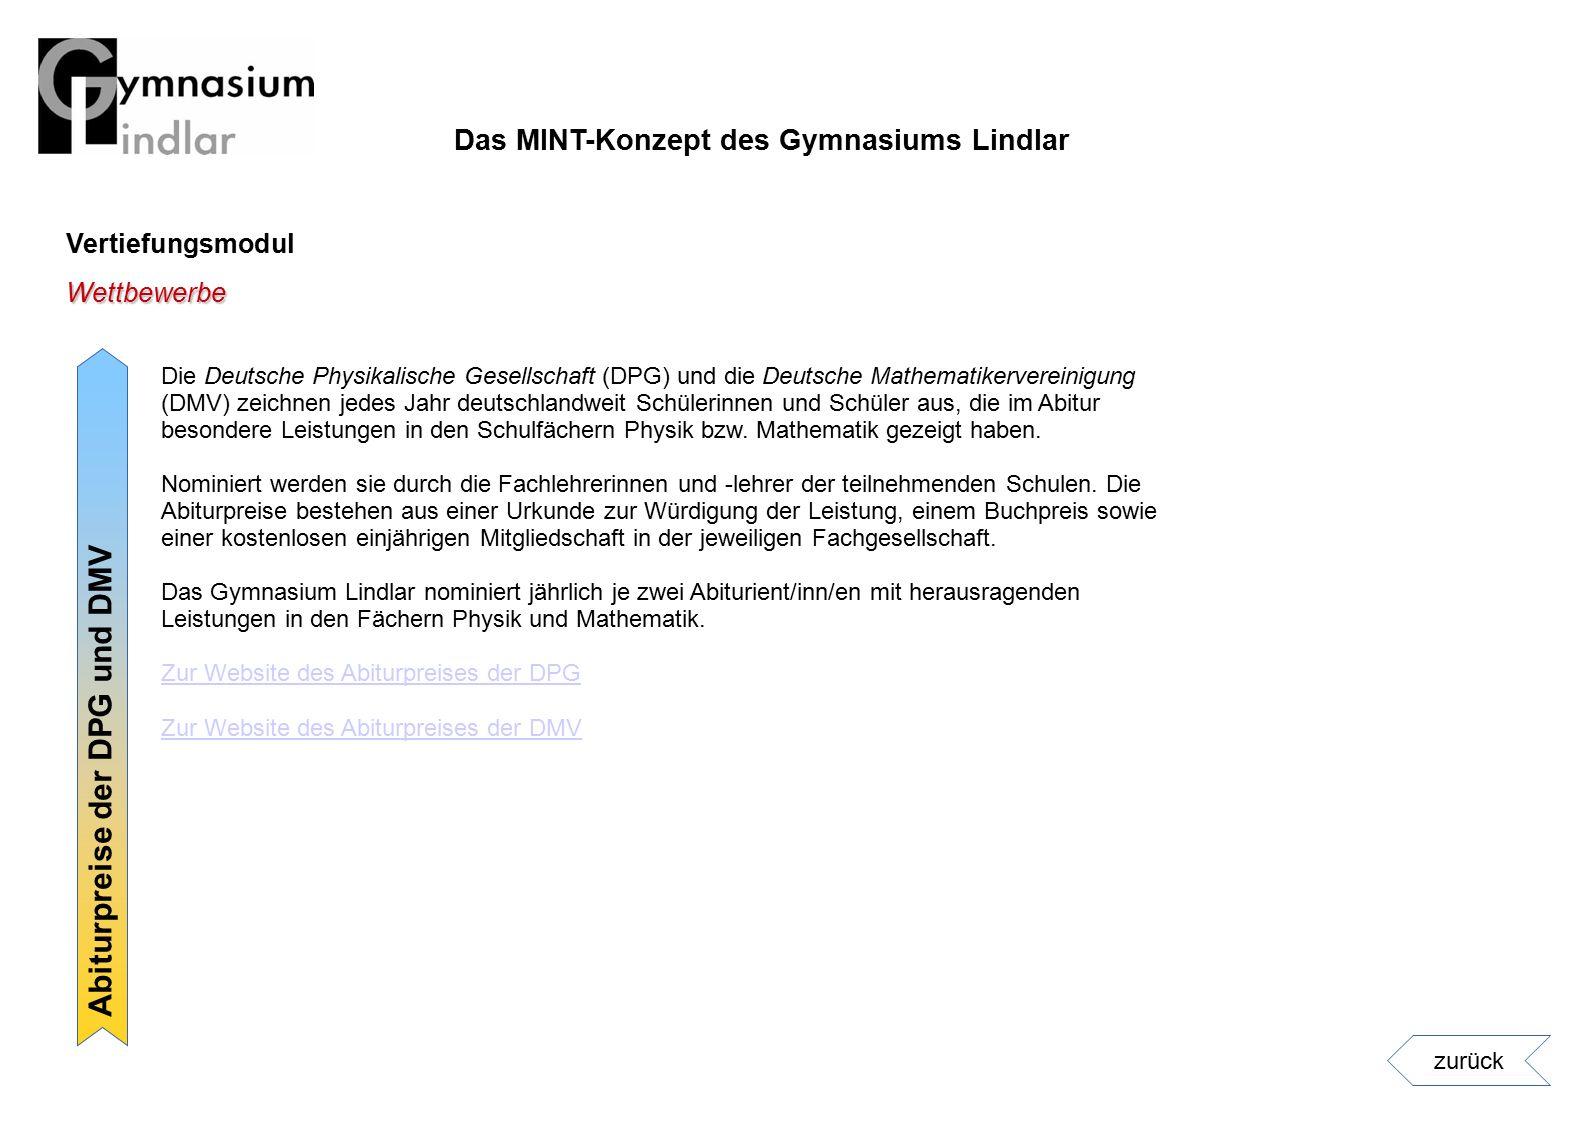 Vertiefungsmodul Abiturpreise der DPG und DMV Wettbewerbe Die Deutsche Physikalische Gesellschaft (DPG) und die Deutsche Mathematikervereinigung (DMV)